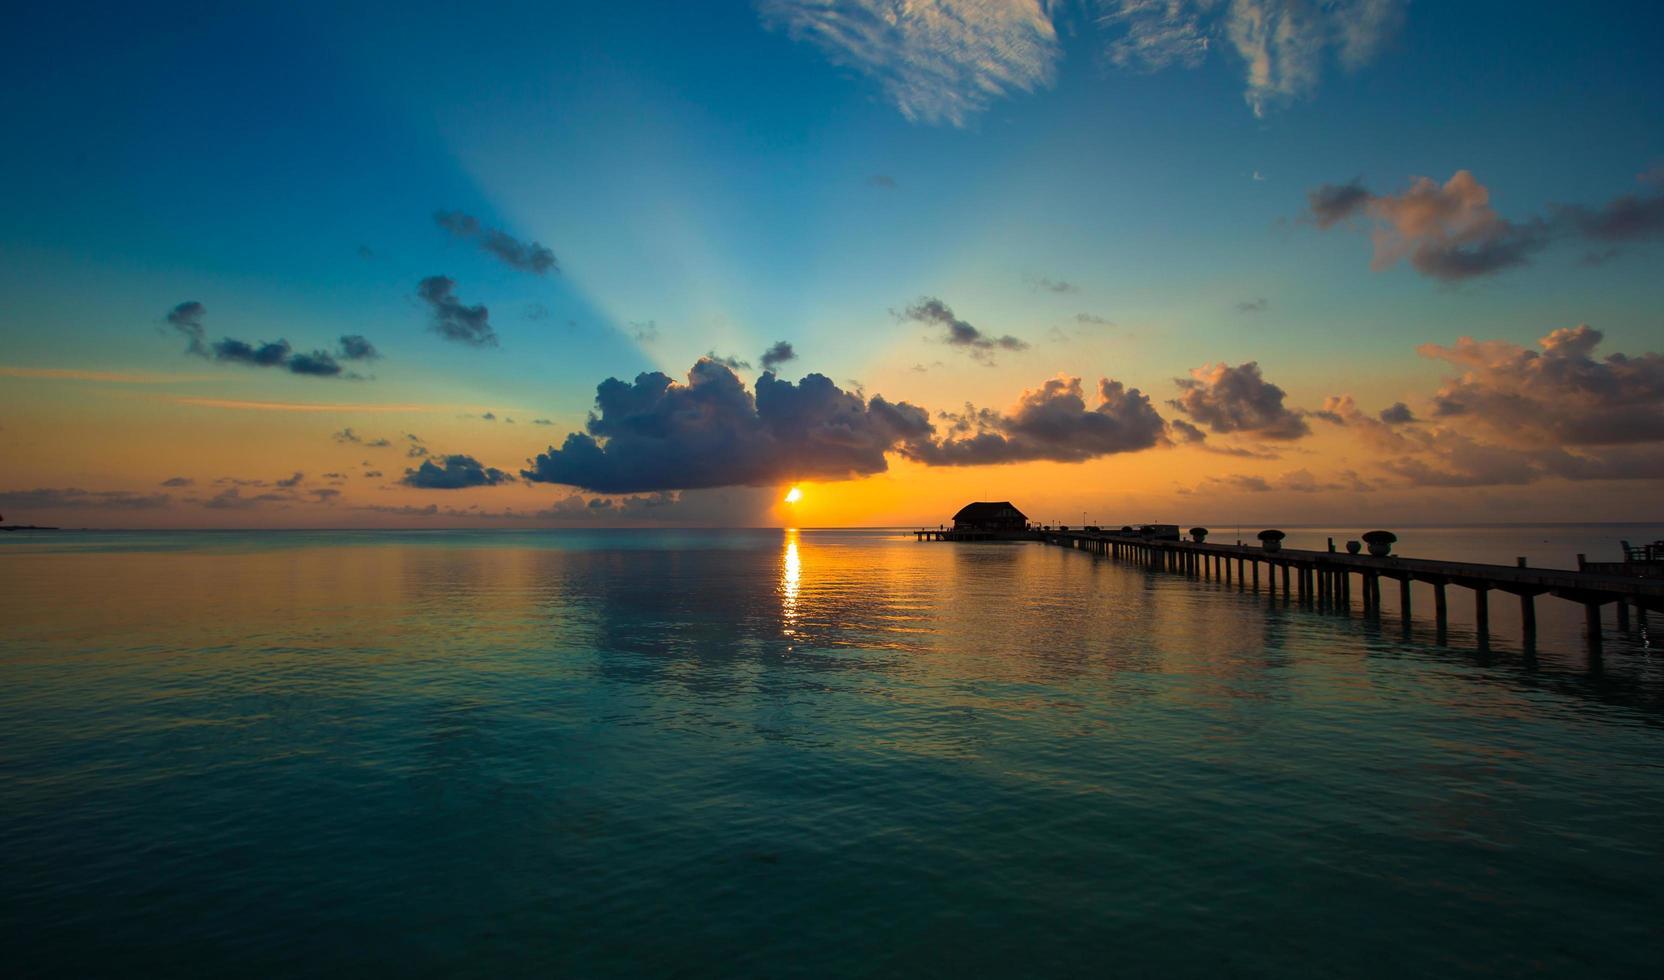 maldivas, sul da ásia, 2020 - pôr do sol colorido em uma ilha tropical foto